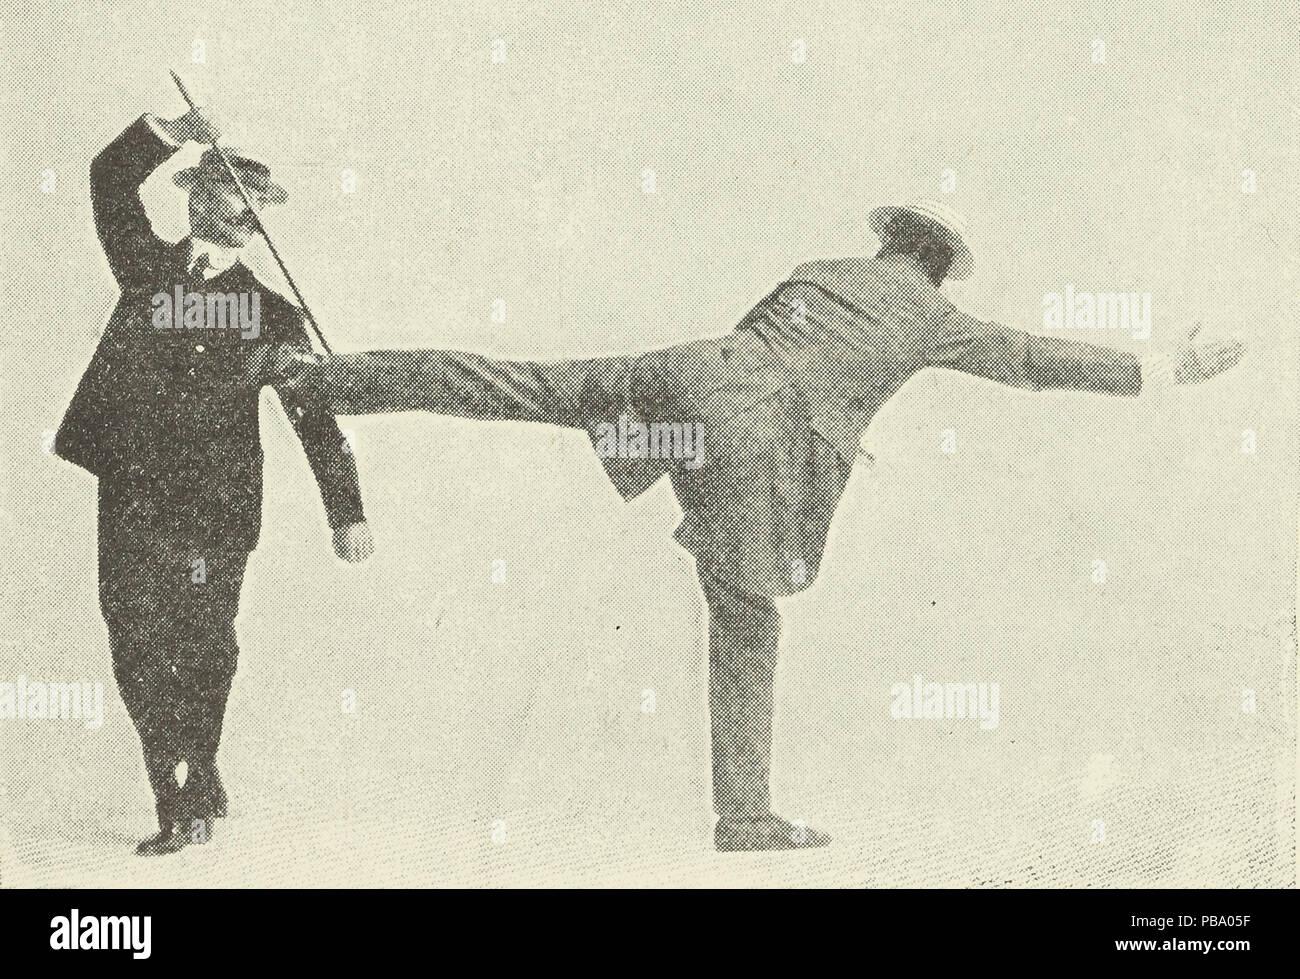 Foto aus dem Artikel genommen, 'Selbstverteidigung mit einem Stock. Die verschiedenen Methoden der Verteidigung sich selbst mit einem Stock oder Regenschirm, wenn unter ungleichen Bedingungen' angegriffen Stockbild